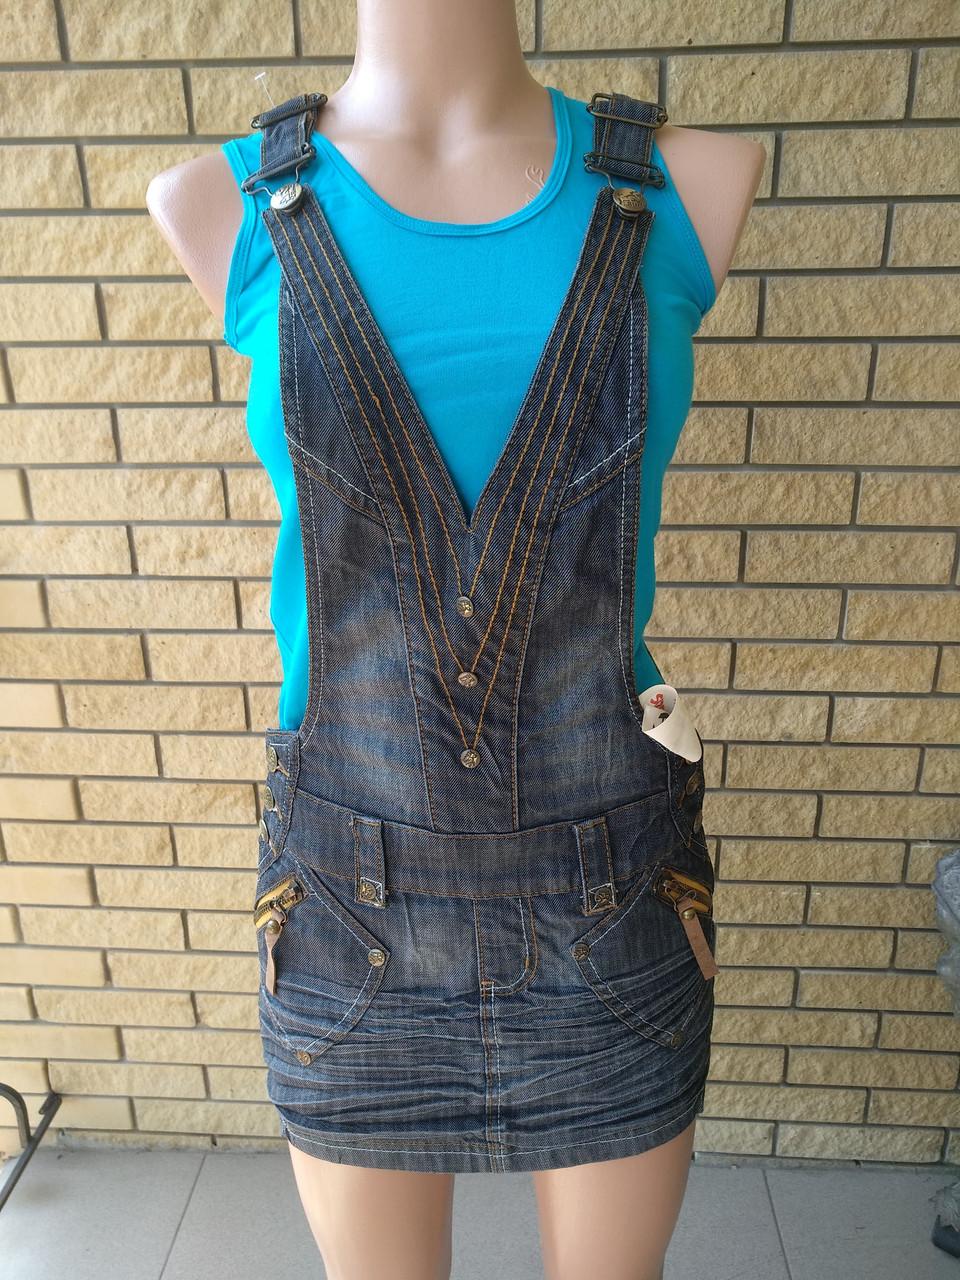 Сарафан, юбка-комбинезон летняя джинсовая  BONNY JEANS